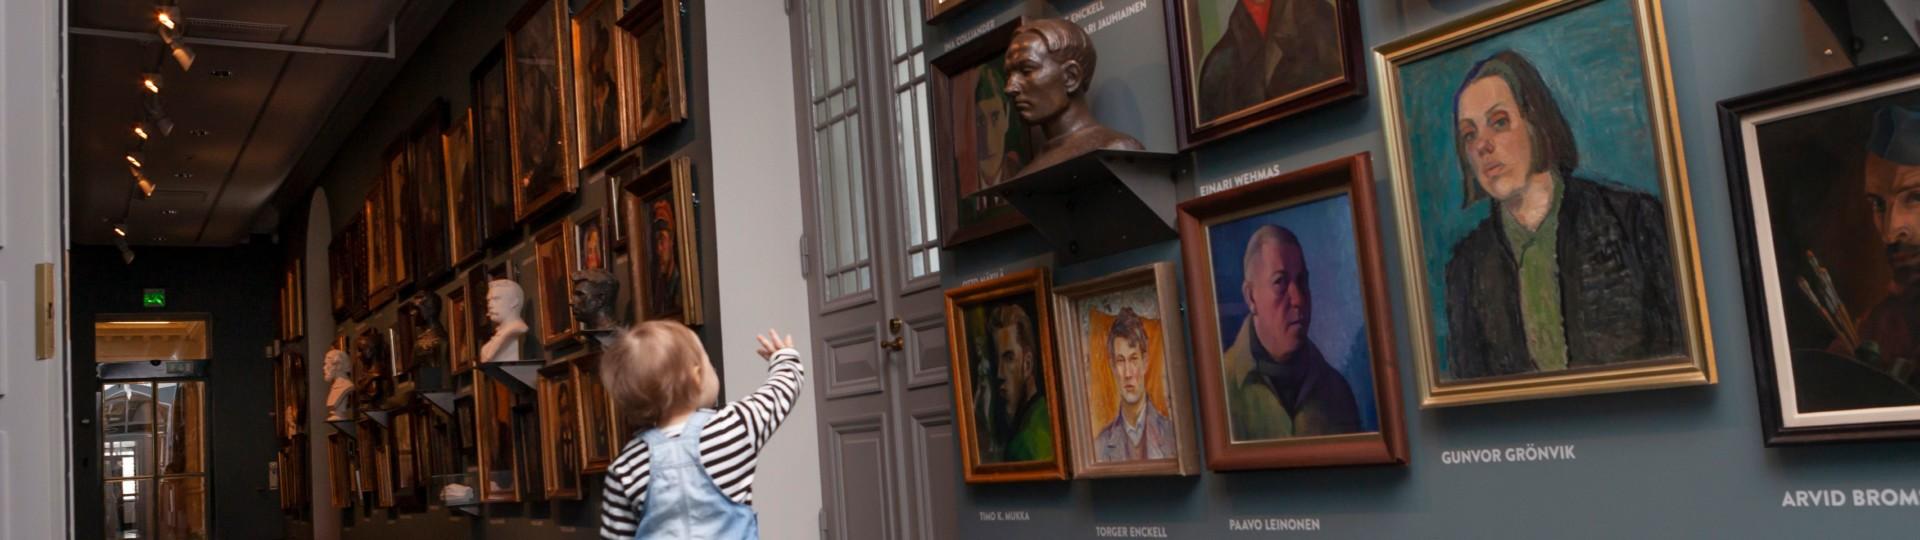 Lapsi vilkuttaa muotokuvateoksille Suomen taiteen tarina -näyttelyssä.